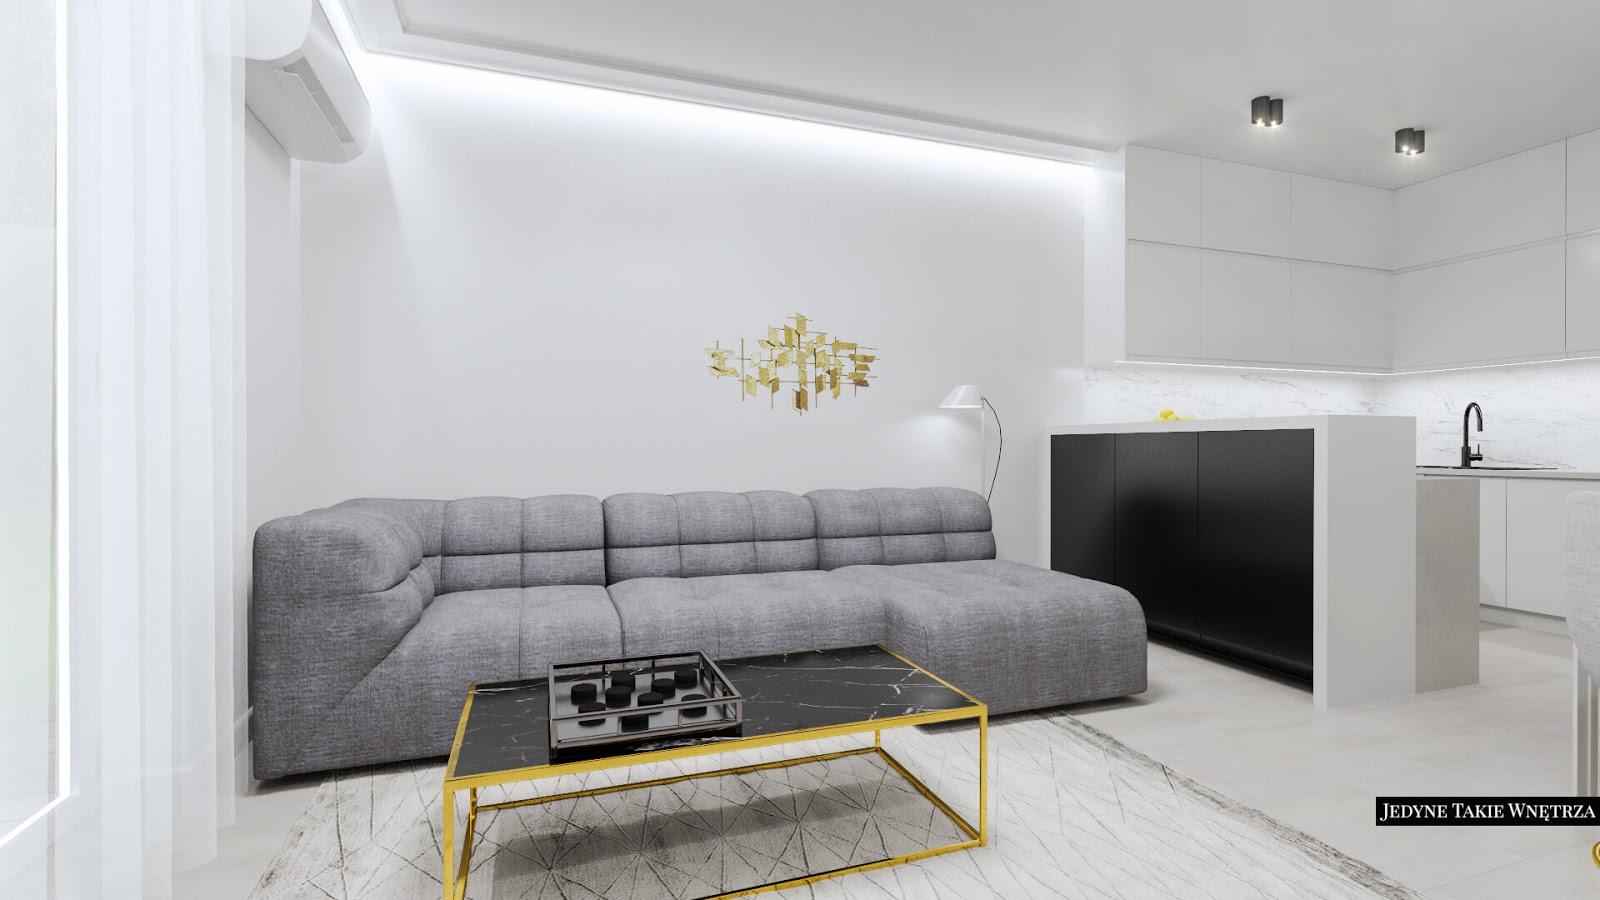 Współczesny glamour, minimalizm i złoto